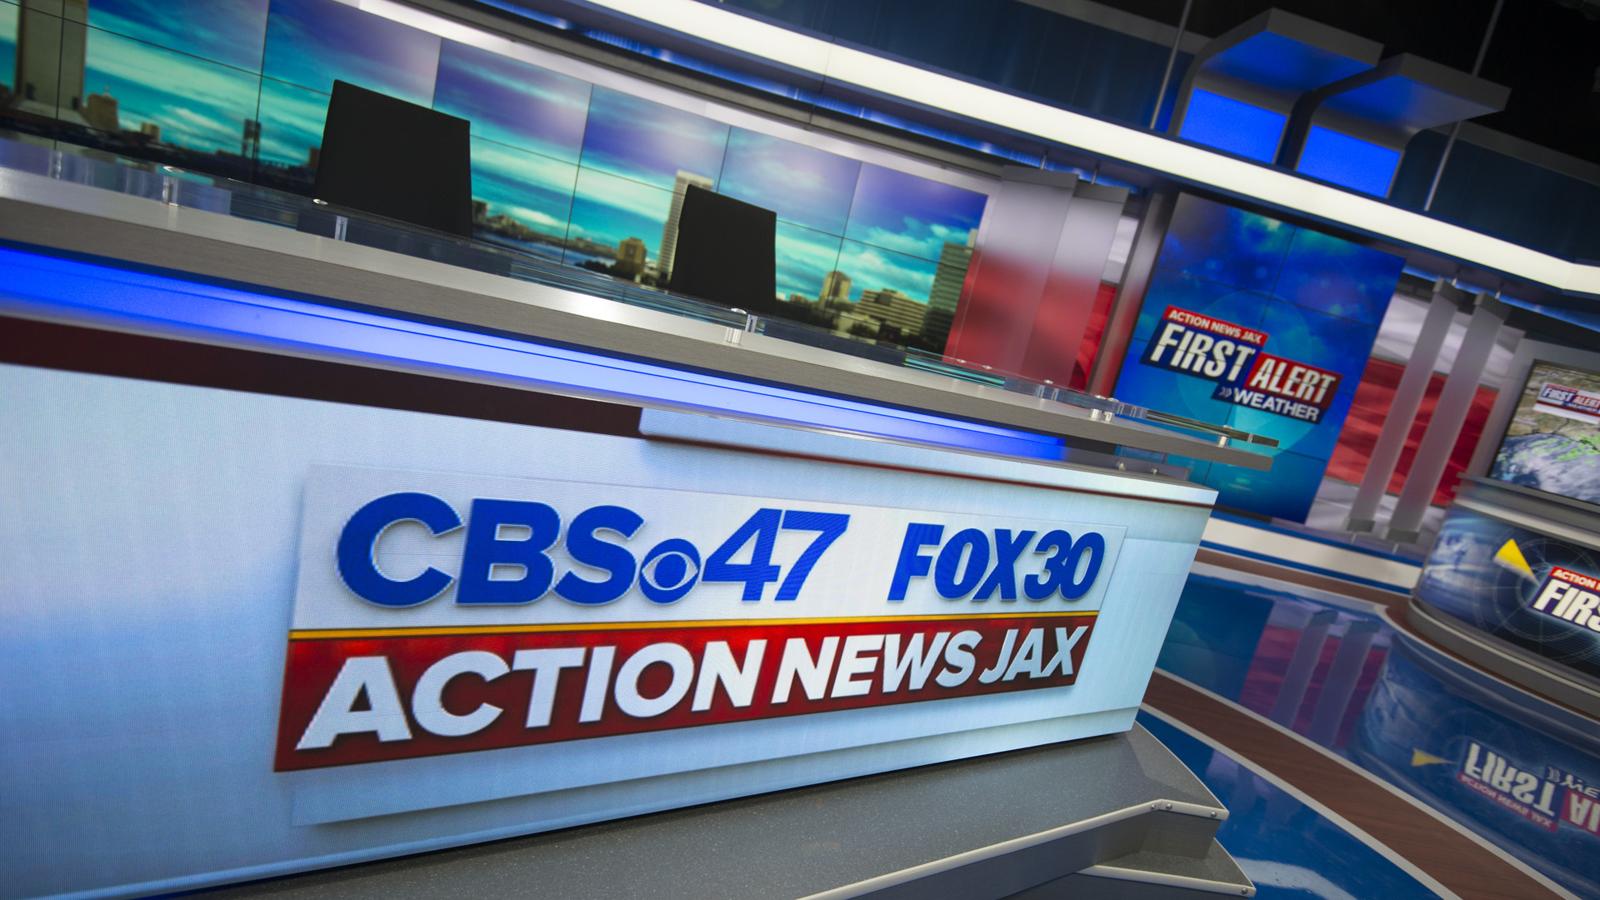 ncs_action-news-jax-tv-studio-wjax_0017